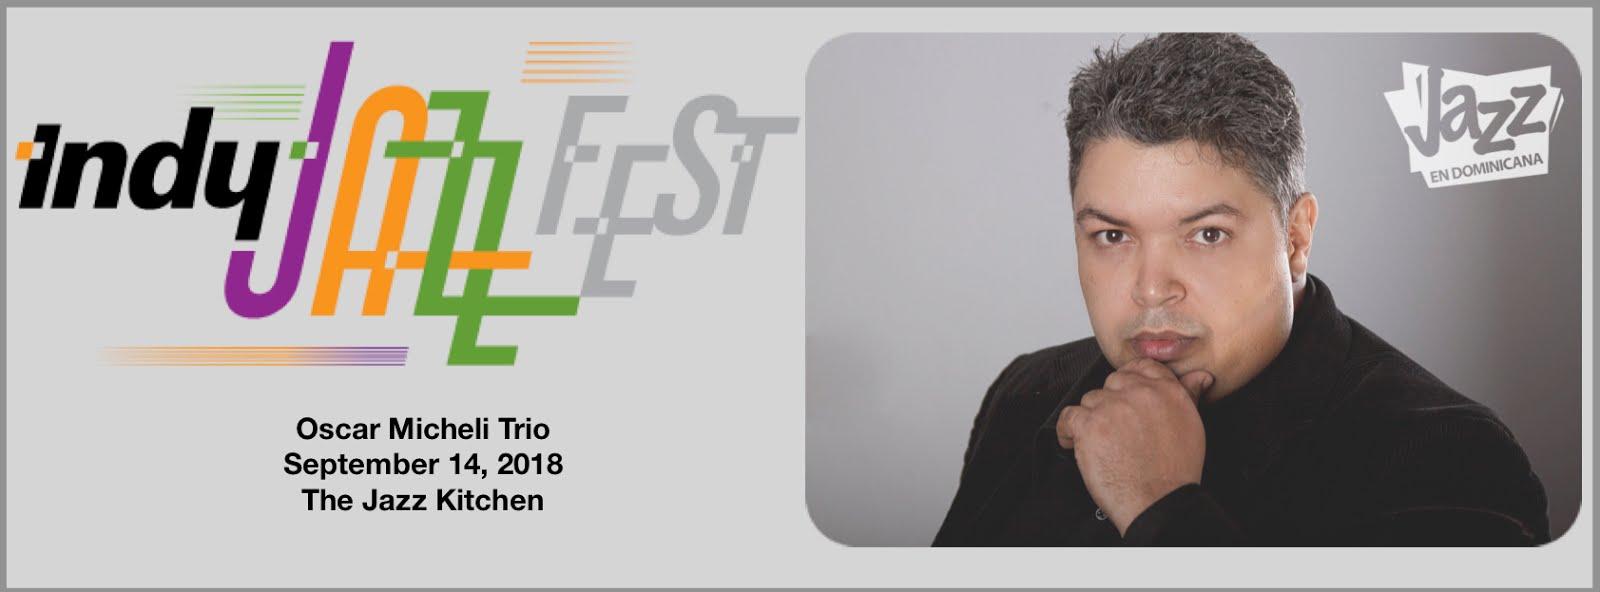 Oscar Micheli Trío en el Indy Jazz Festival